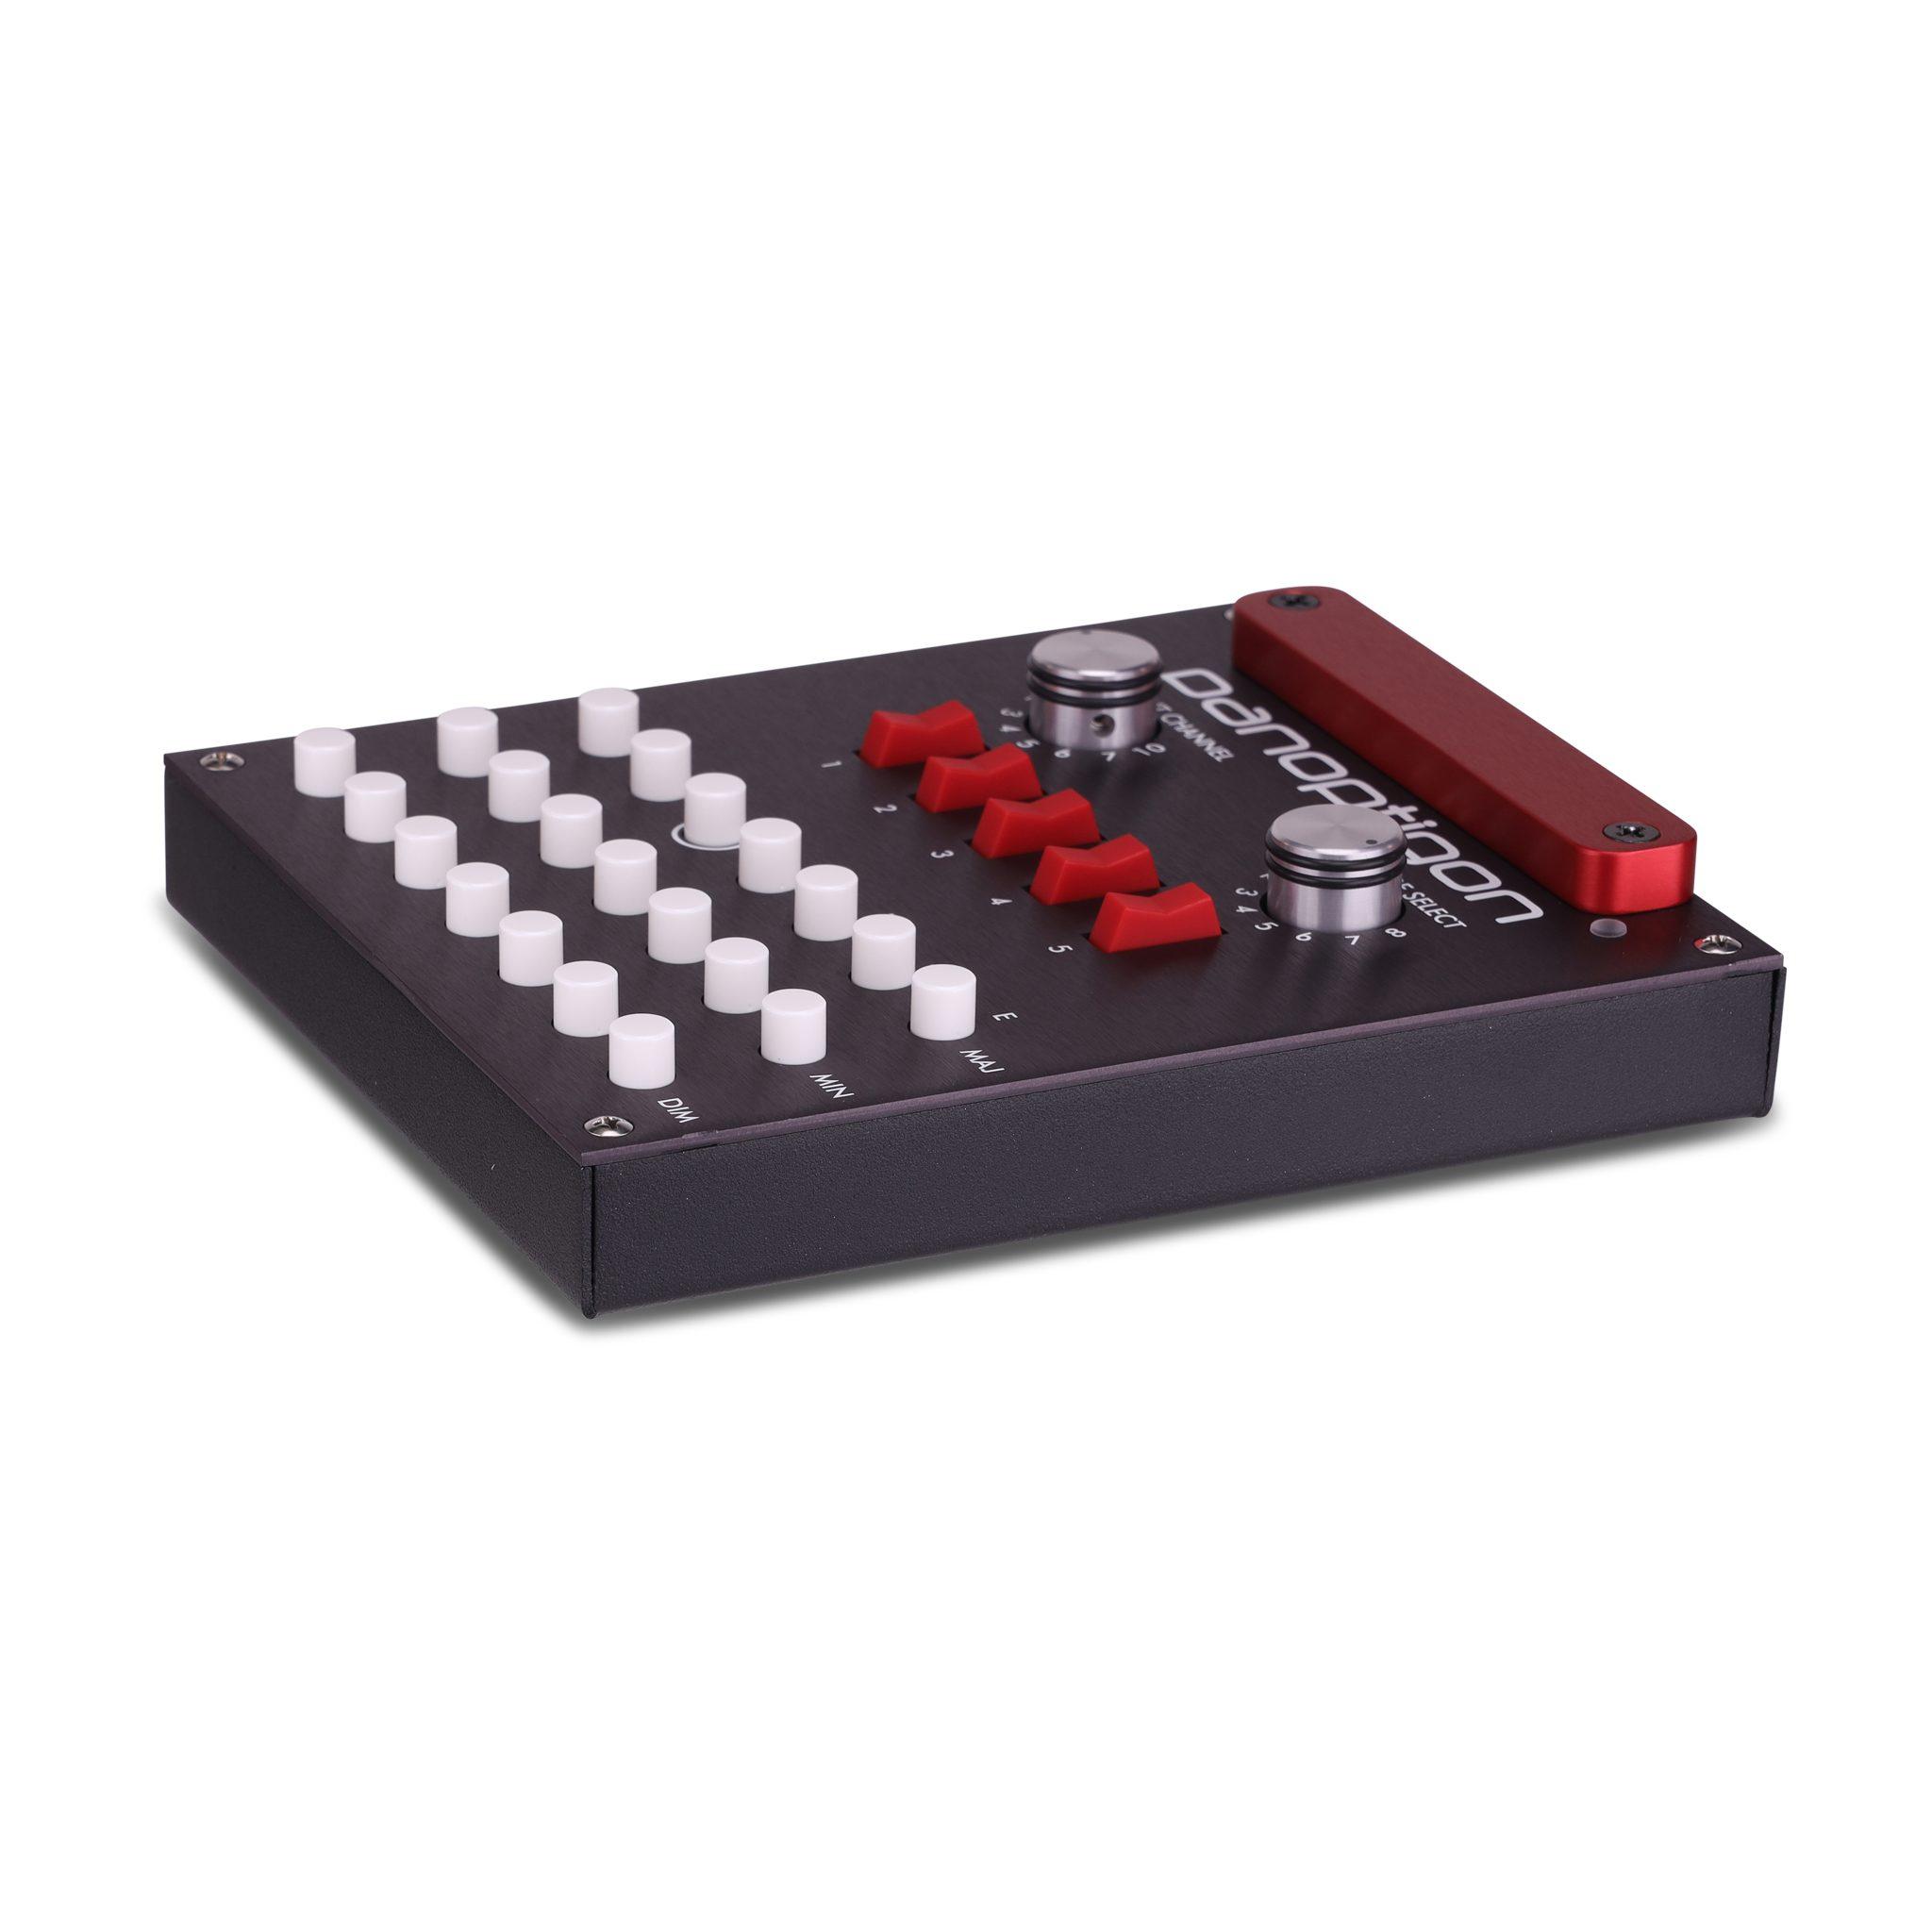 21-panoptigonchordcontroller